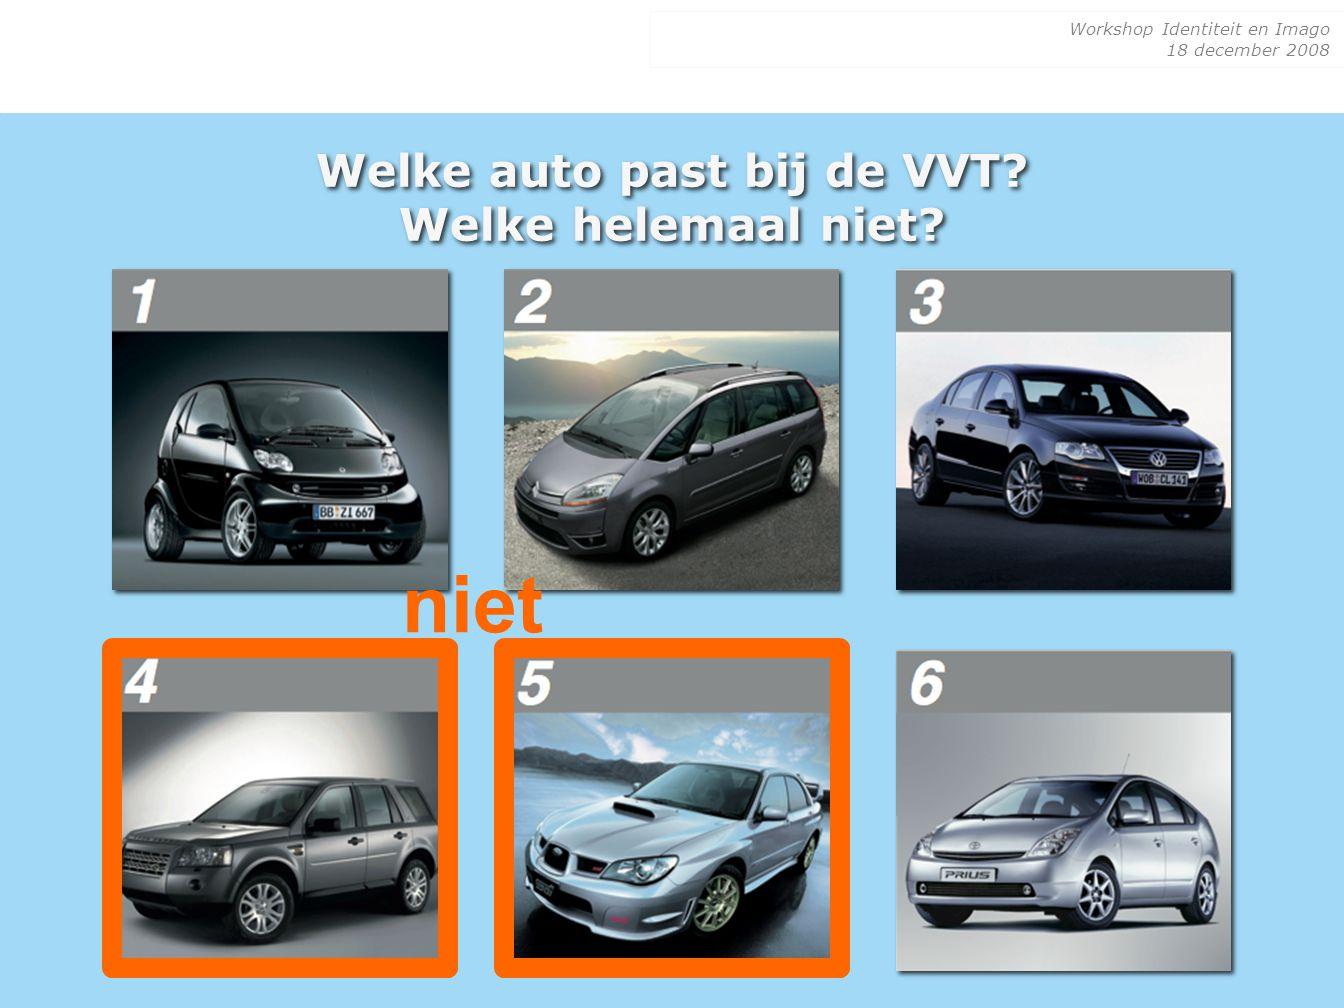 Workshop Identiteit en Imago 18 december 2008 Welke auto past bij de VVT? Welke helemaal niet? niet